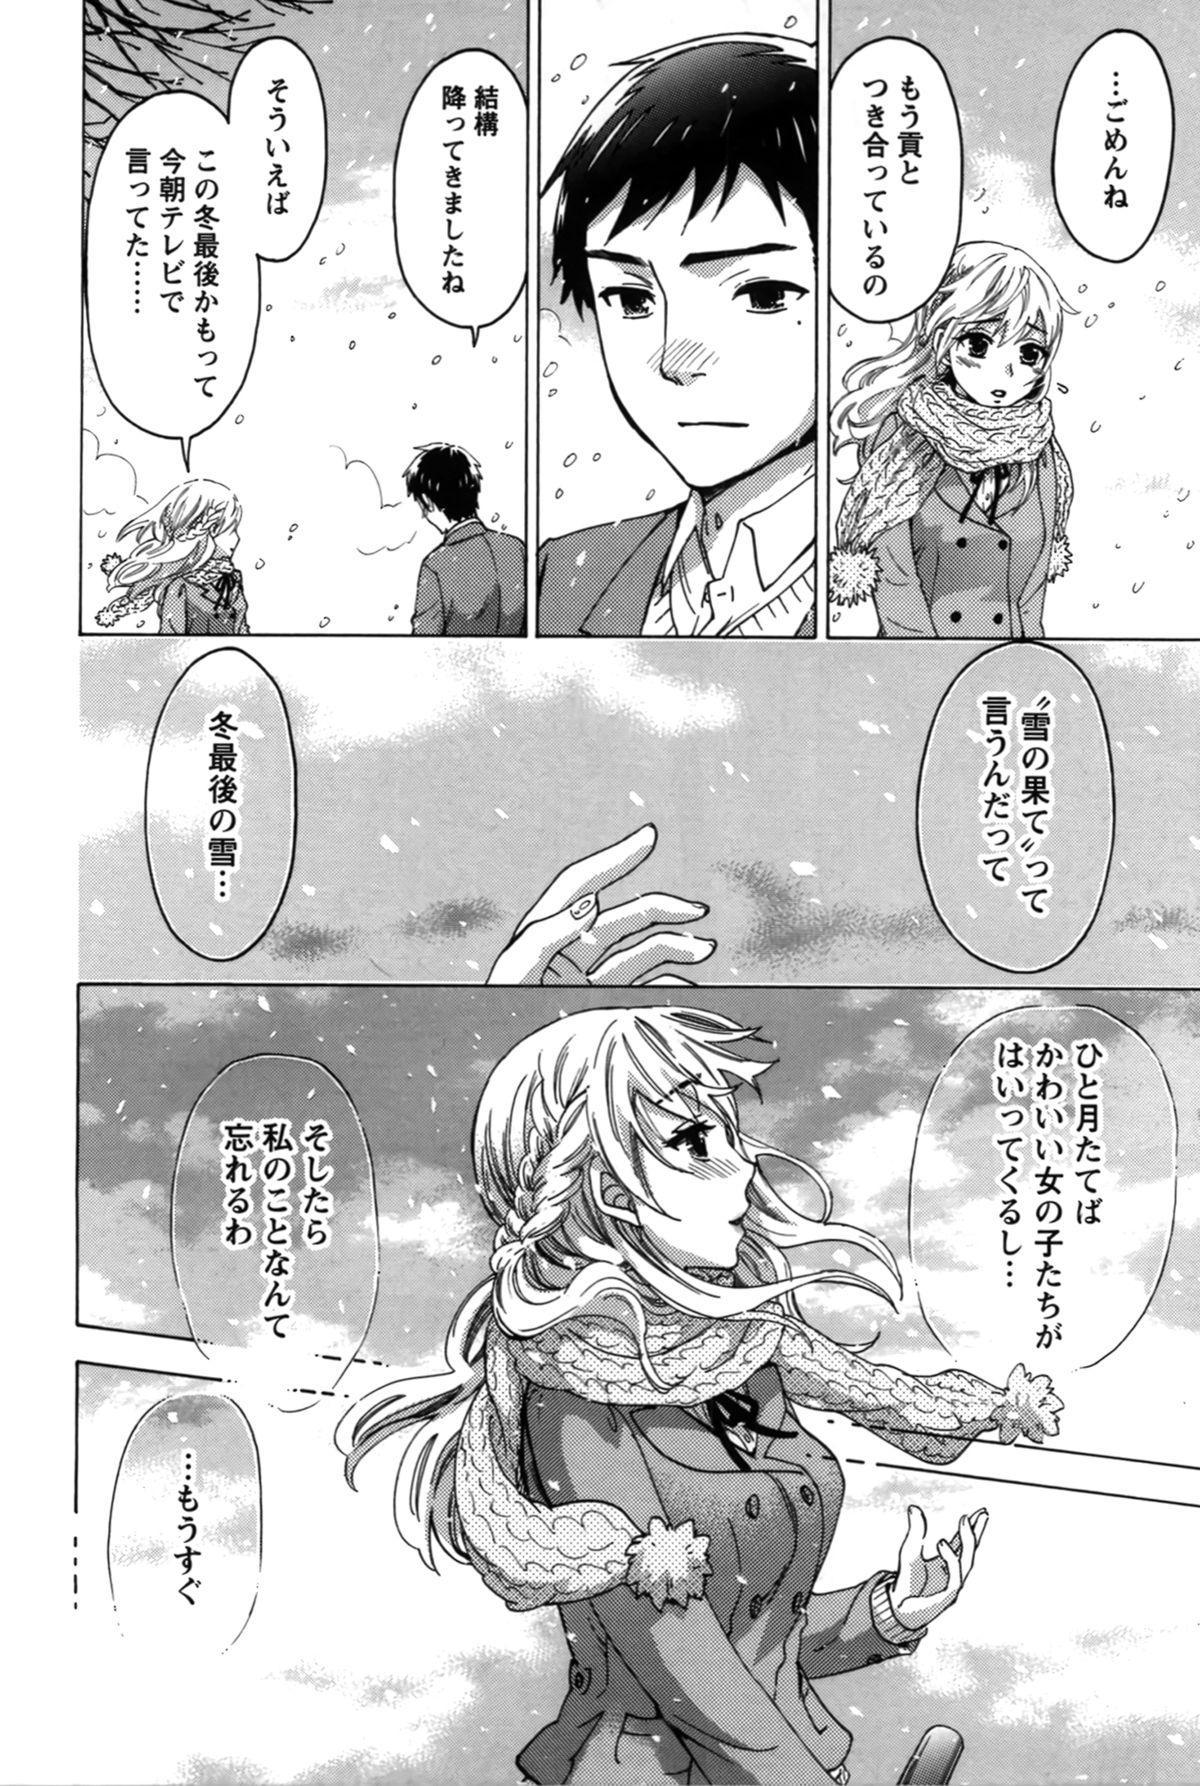 Anata to Watashi wa Warukunai 11